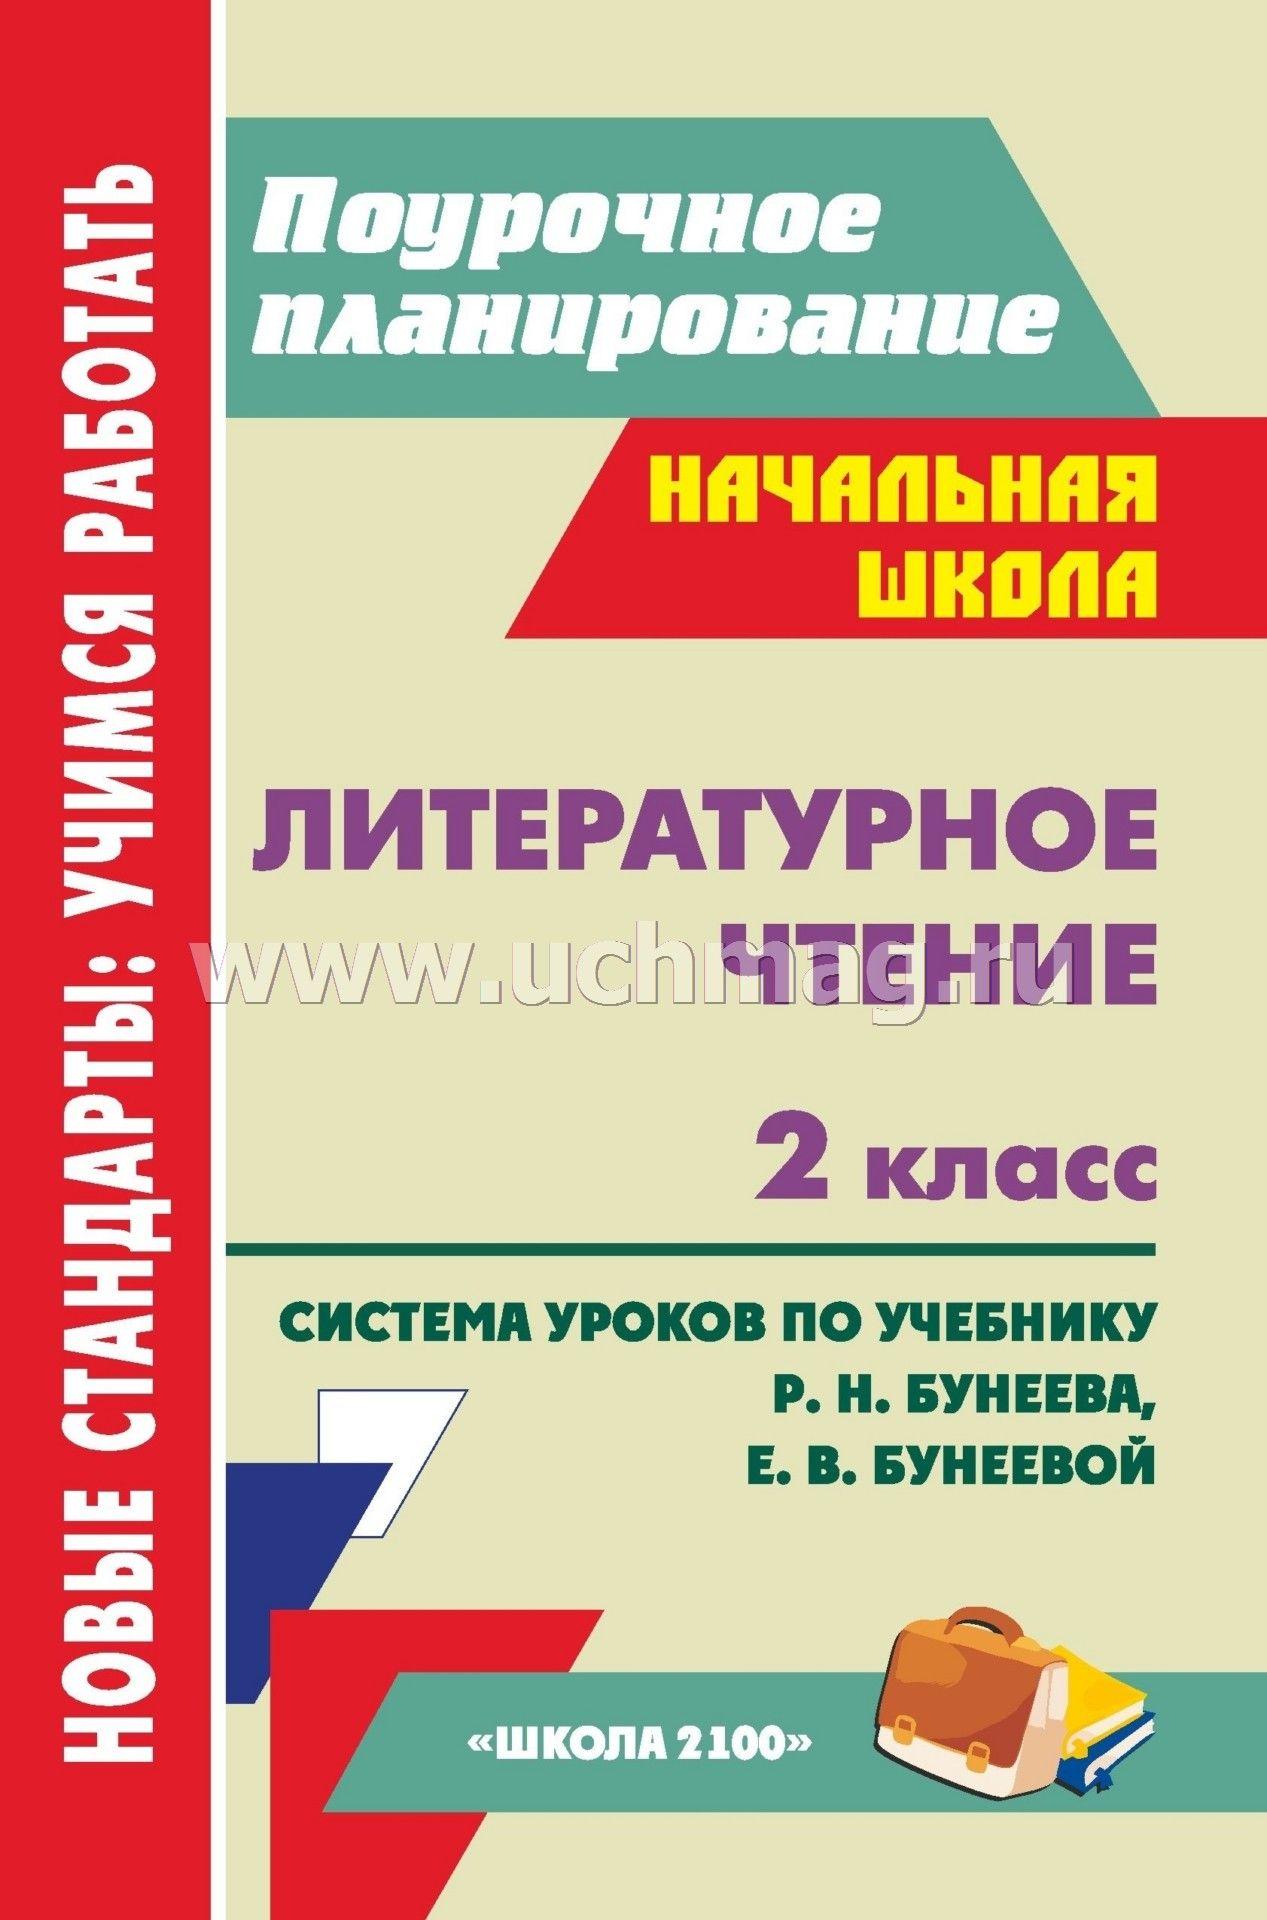 Гдз по русскому языку 8 класс бунеев купить заказать